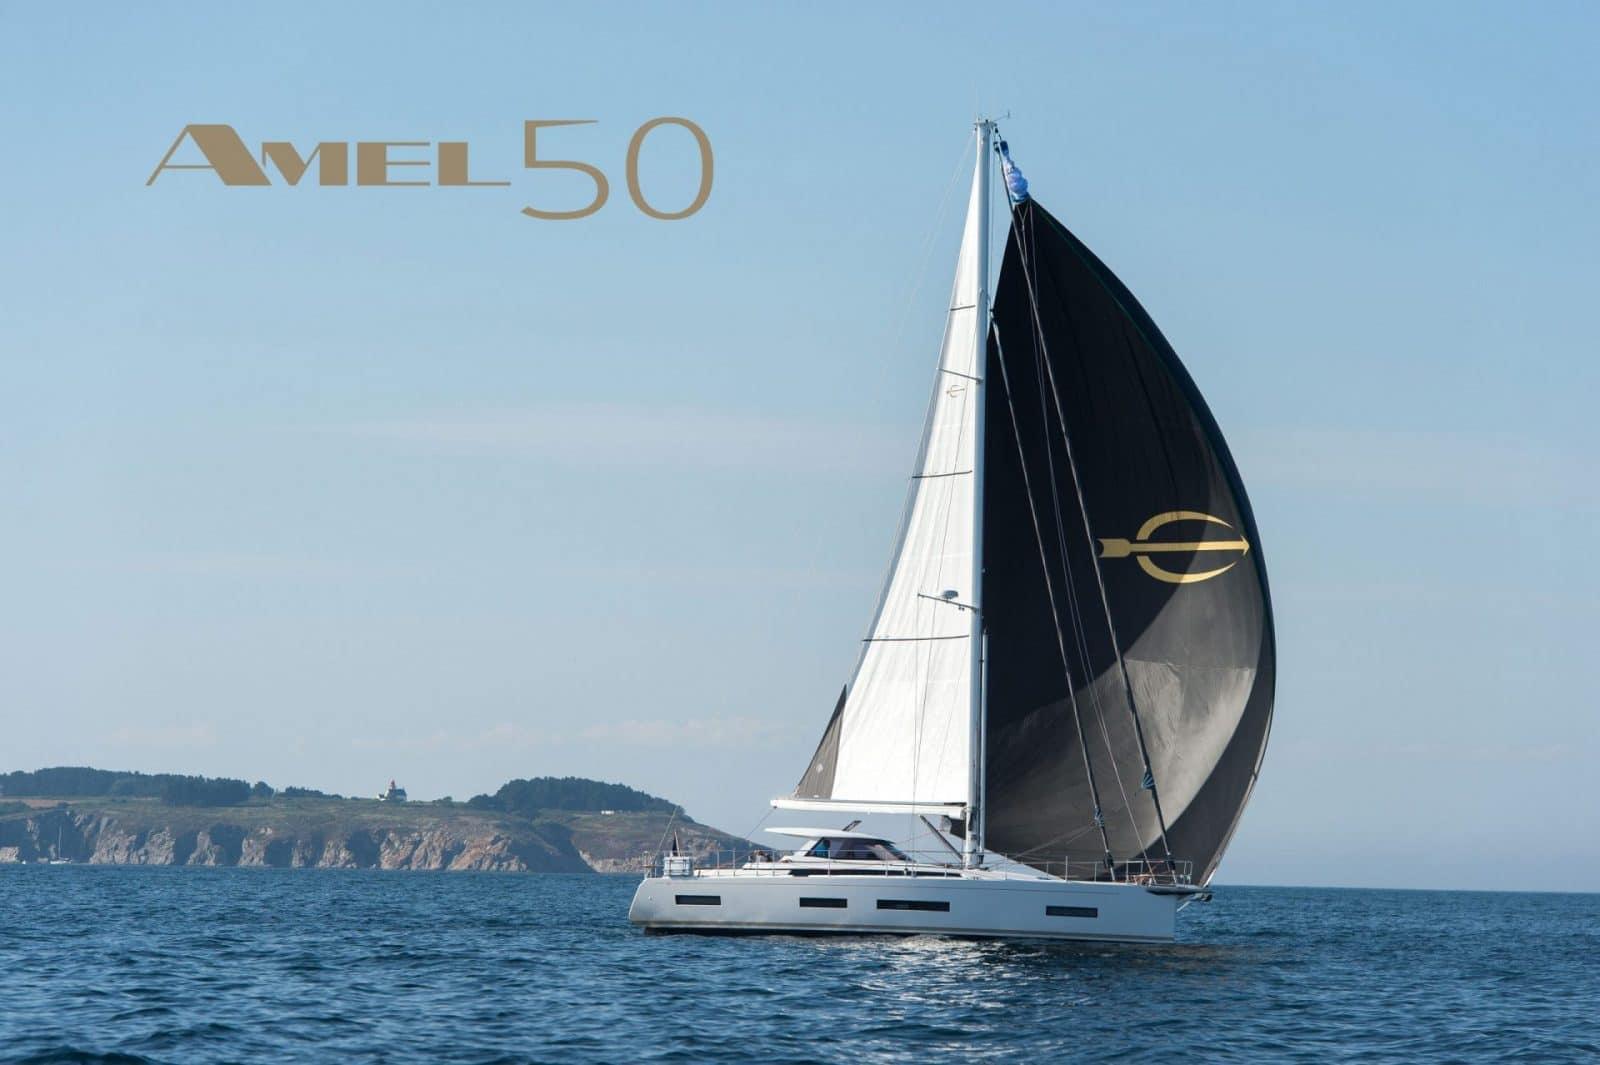 amel 50